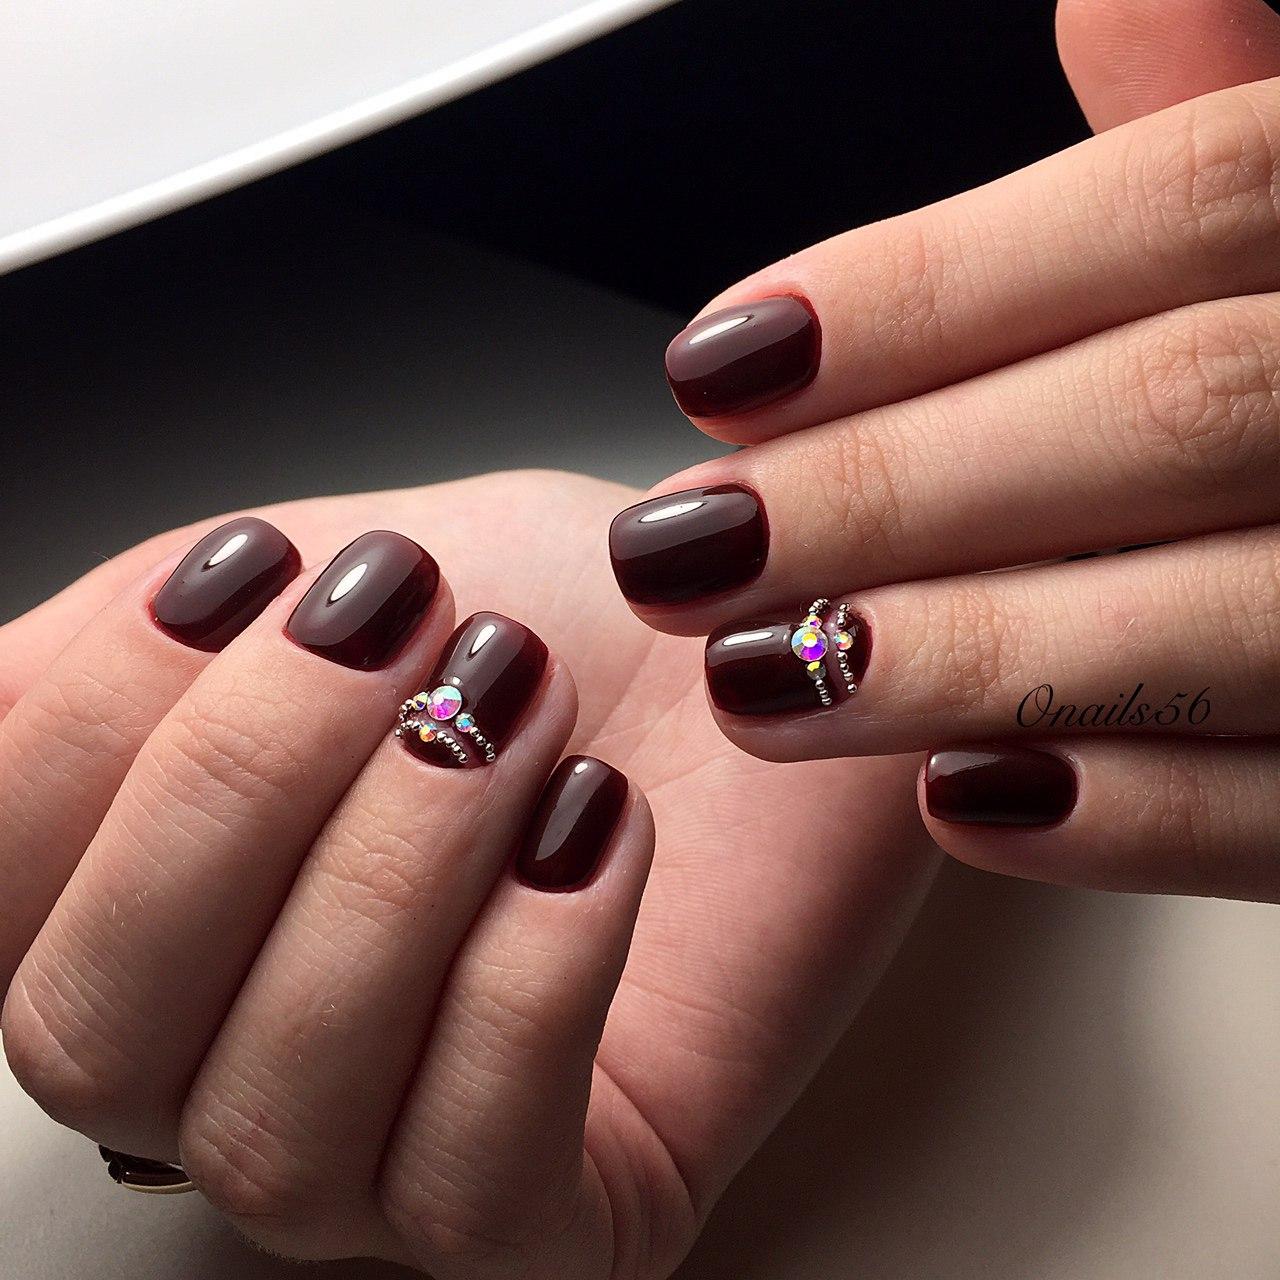 Ногти дизайн вишневый цвет